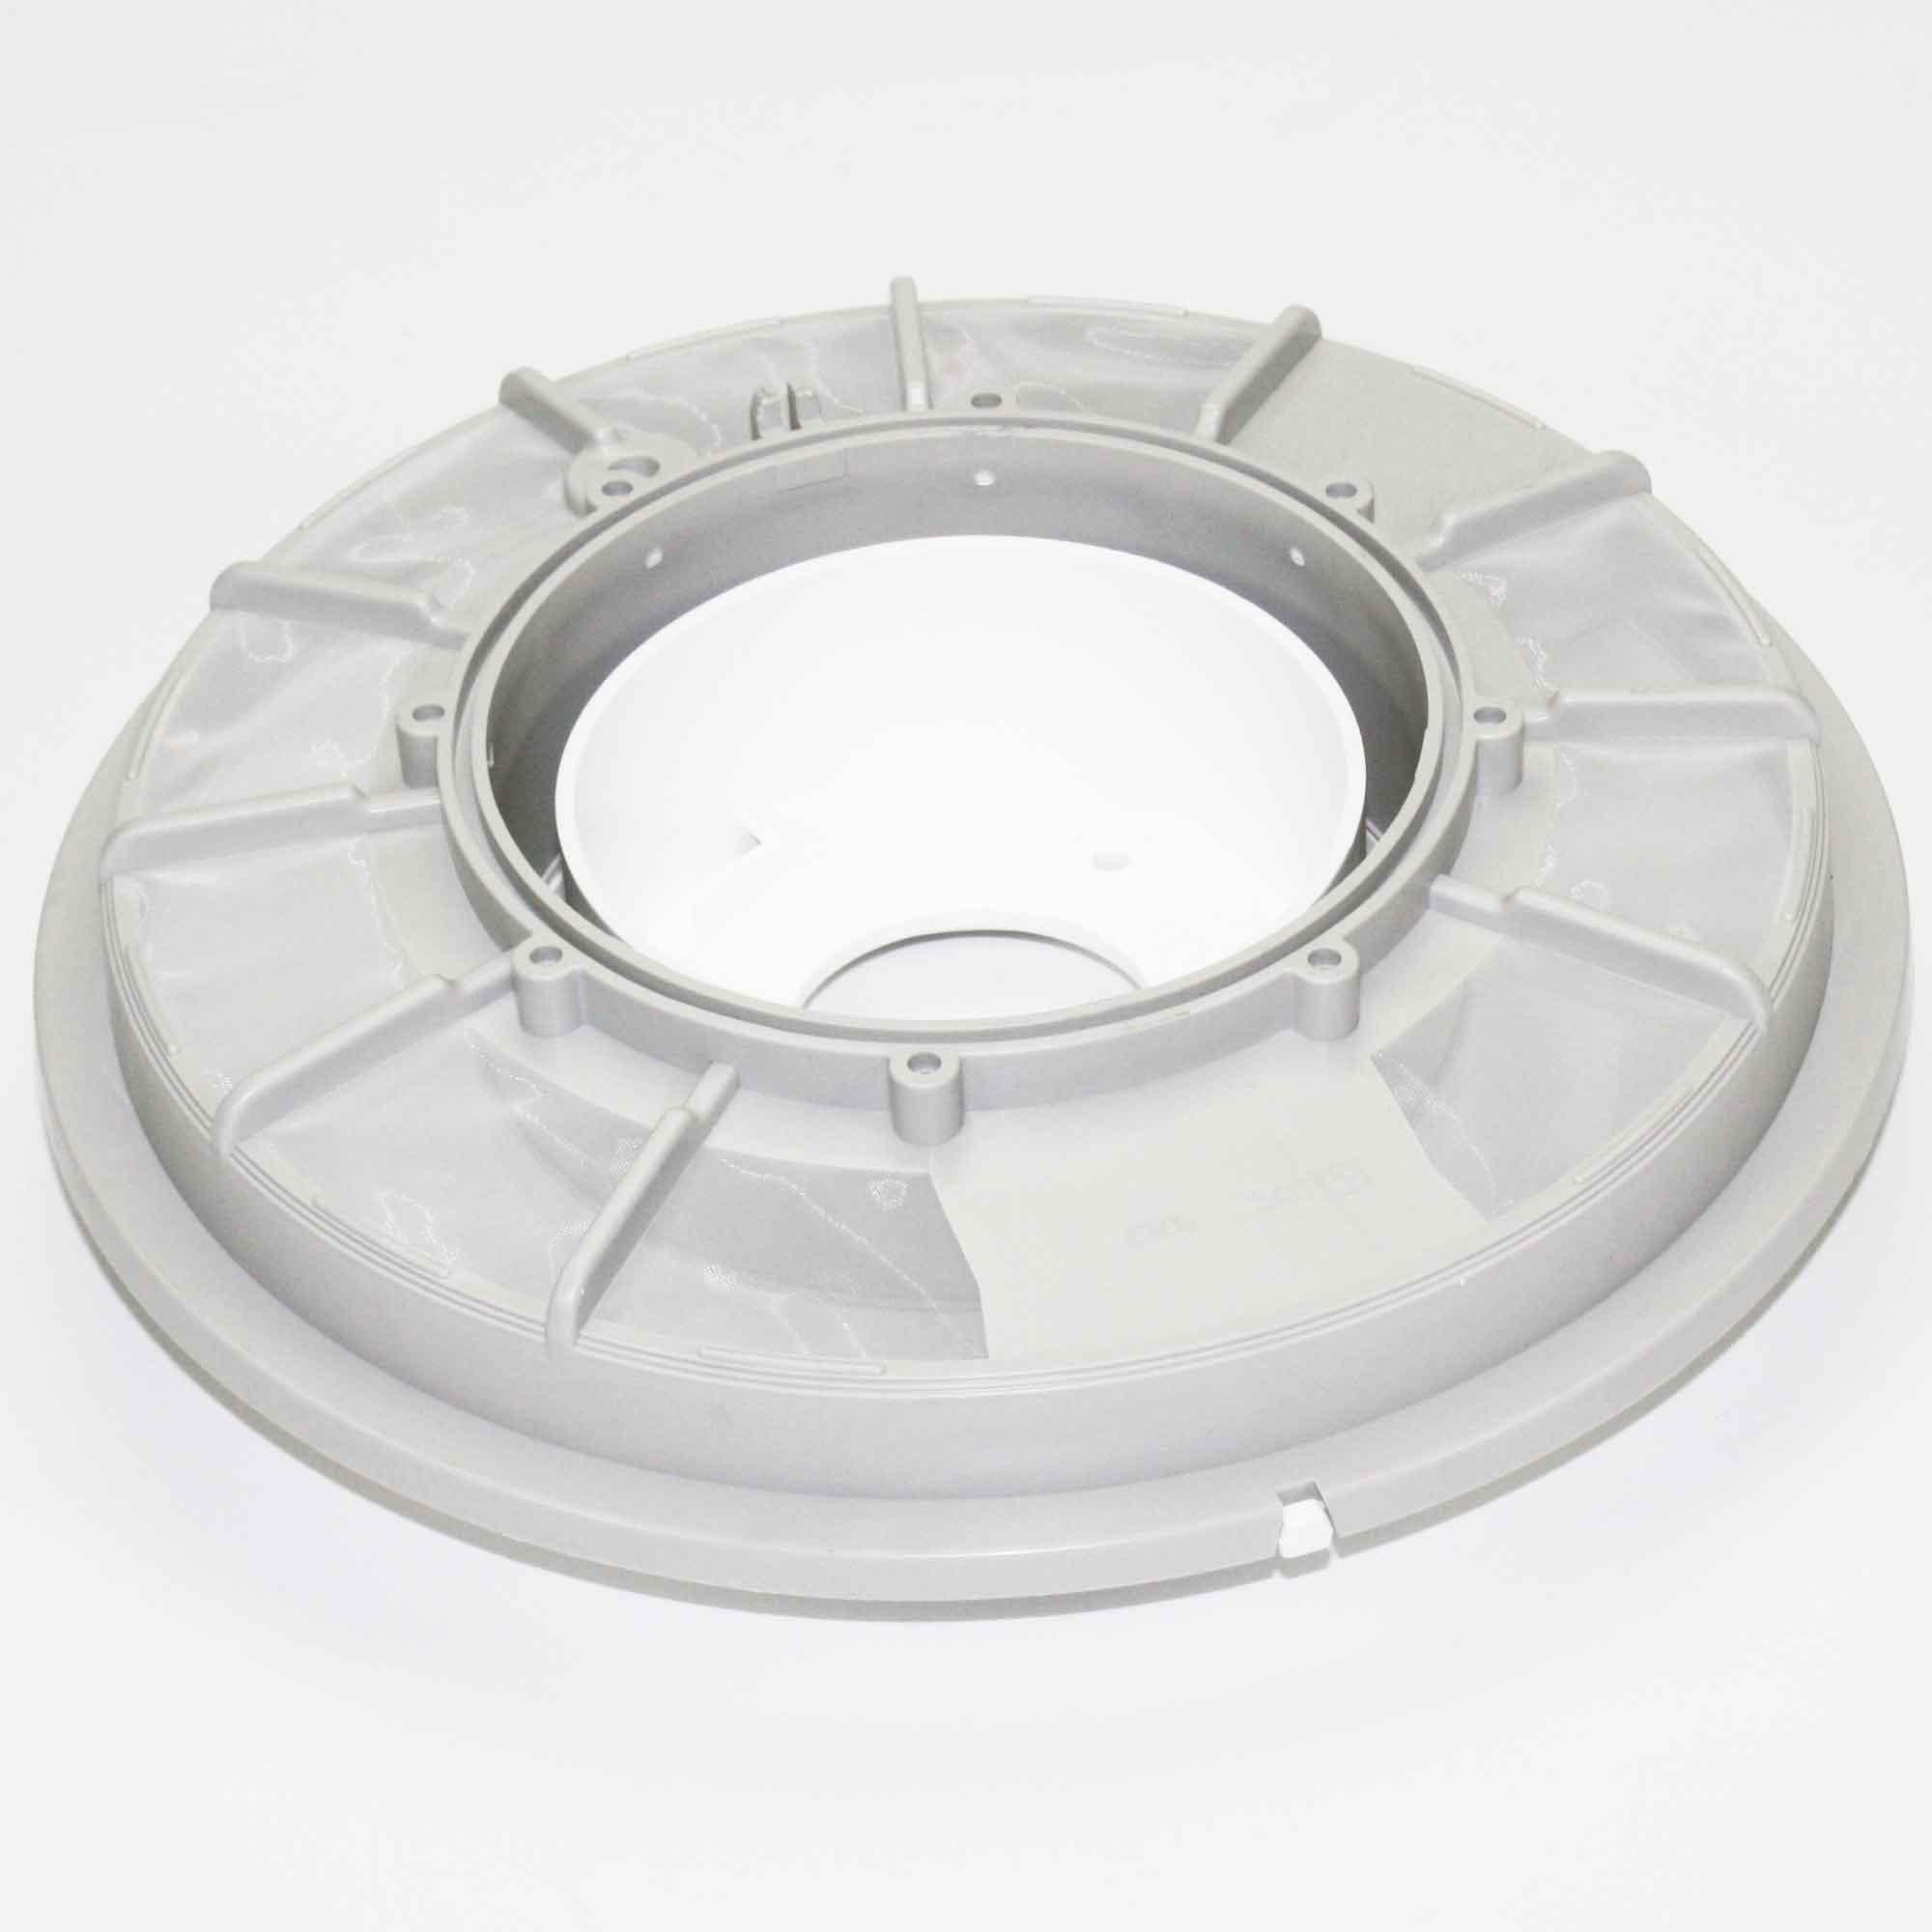 wp8519553 for whirlpool dishwasher pump filter. Black Bedroom Furniture Sets. Home Design Ideas